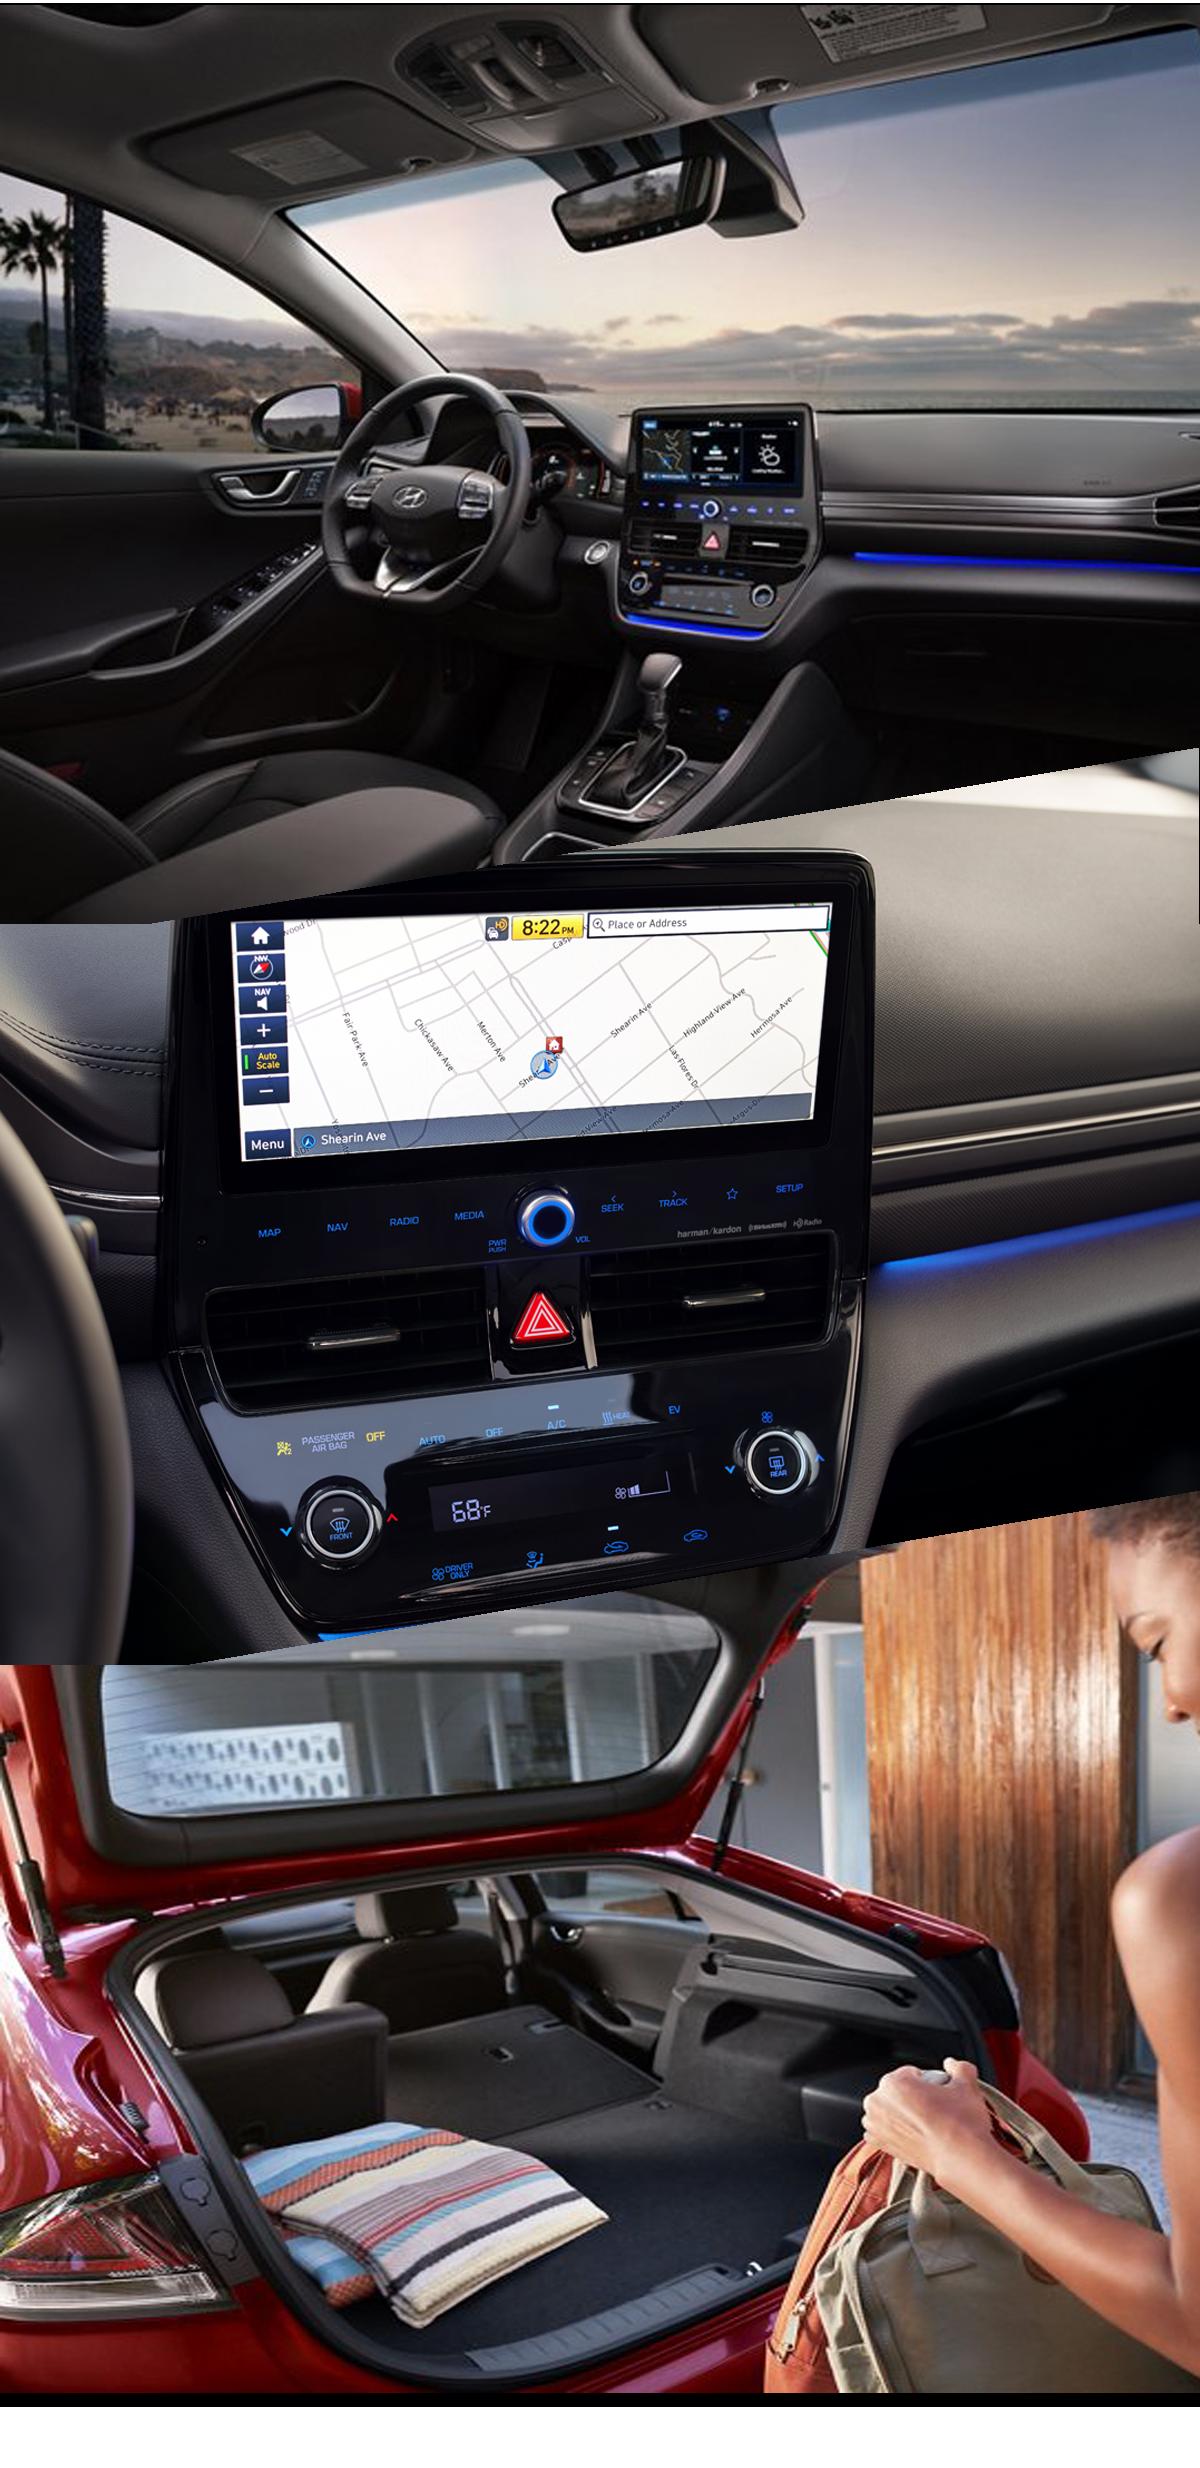 2021 Hyundai Ioniq Interior Images